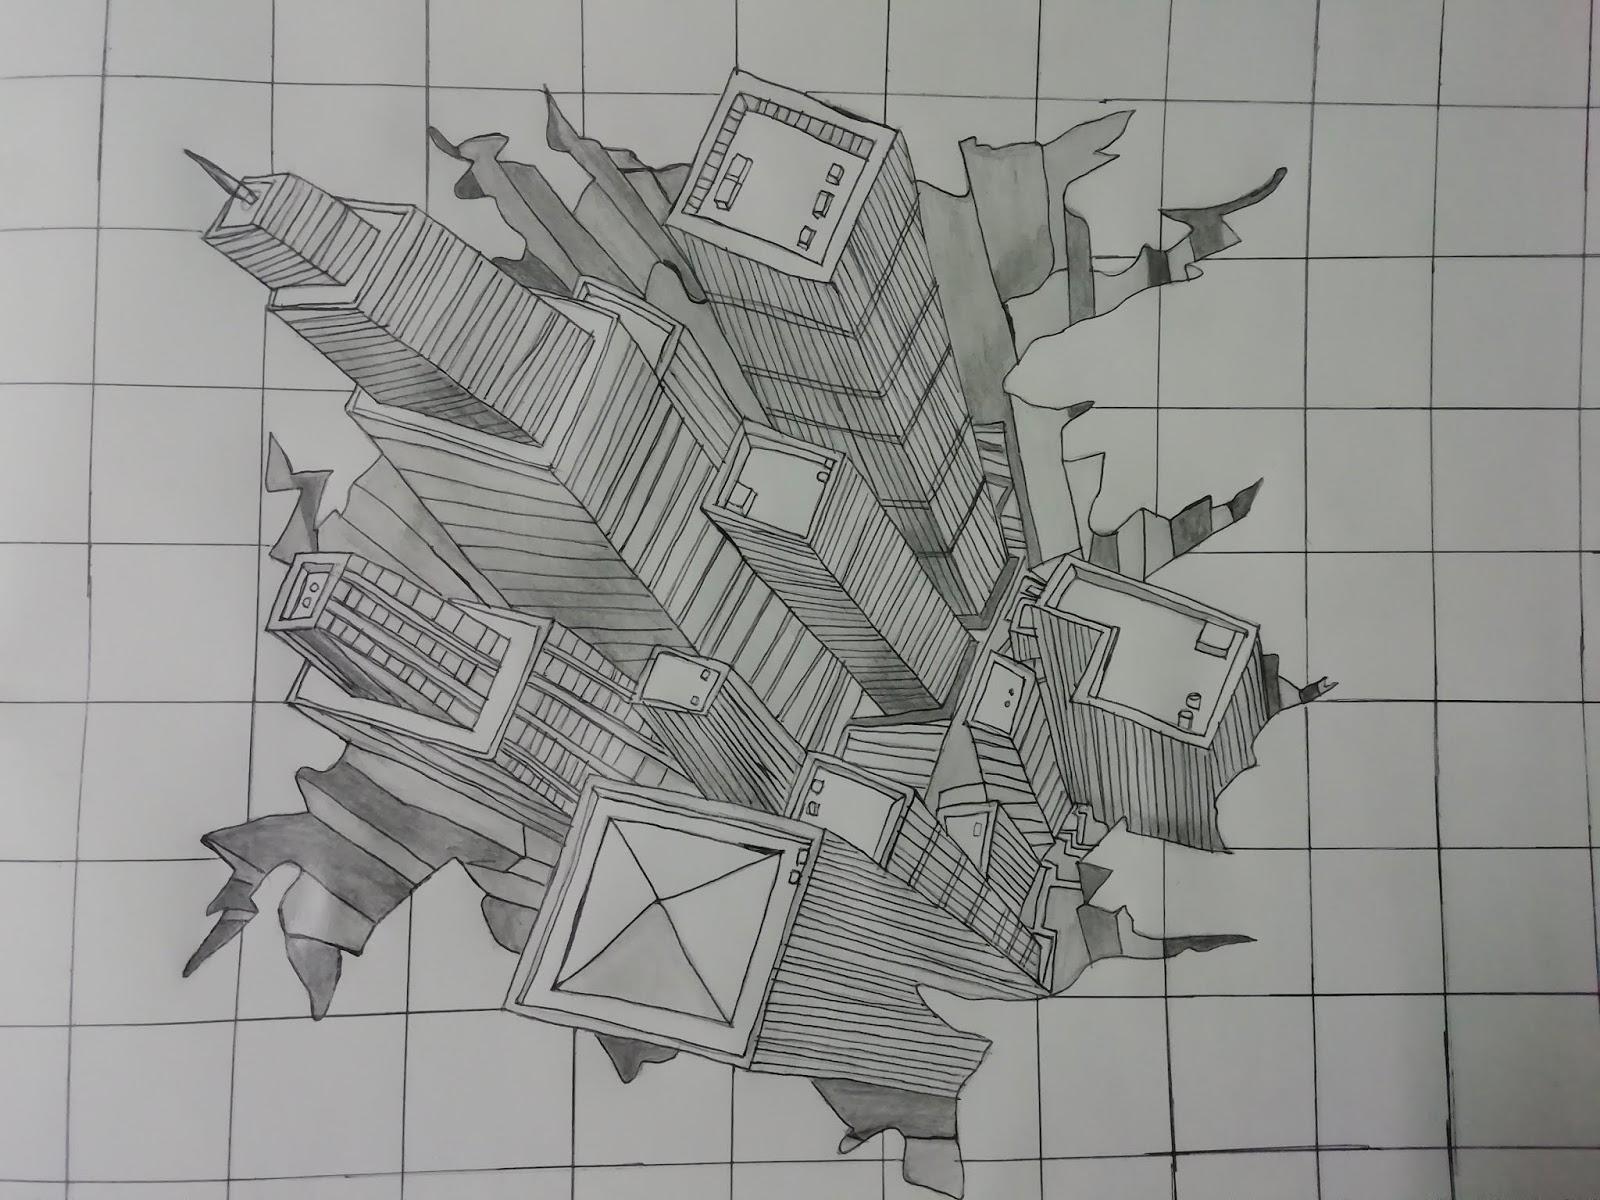 3d pencil sketch